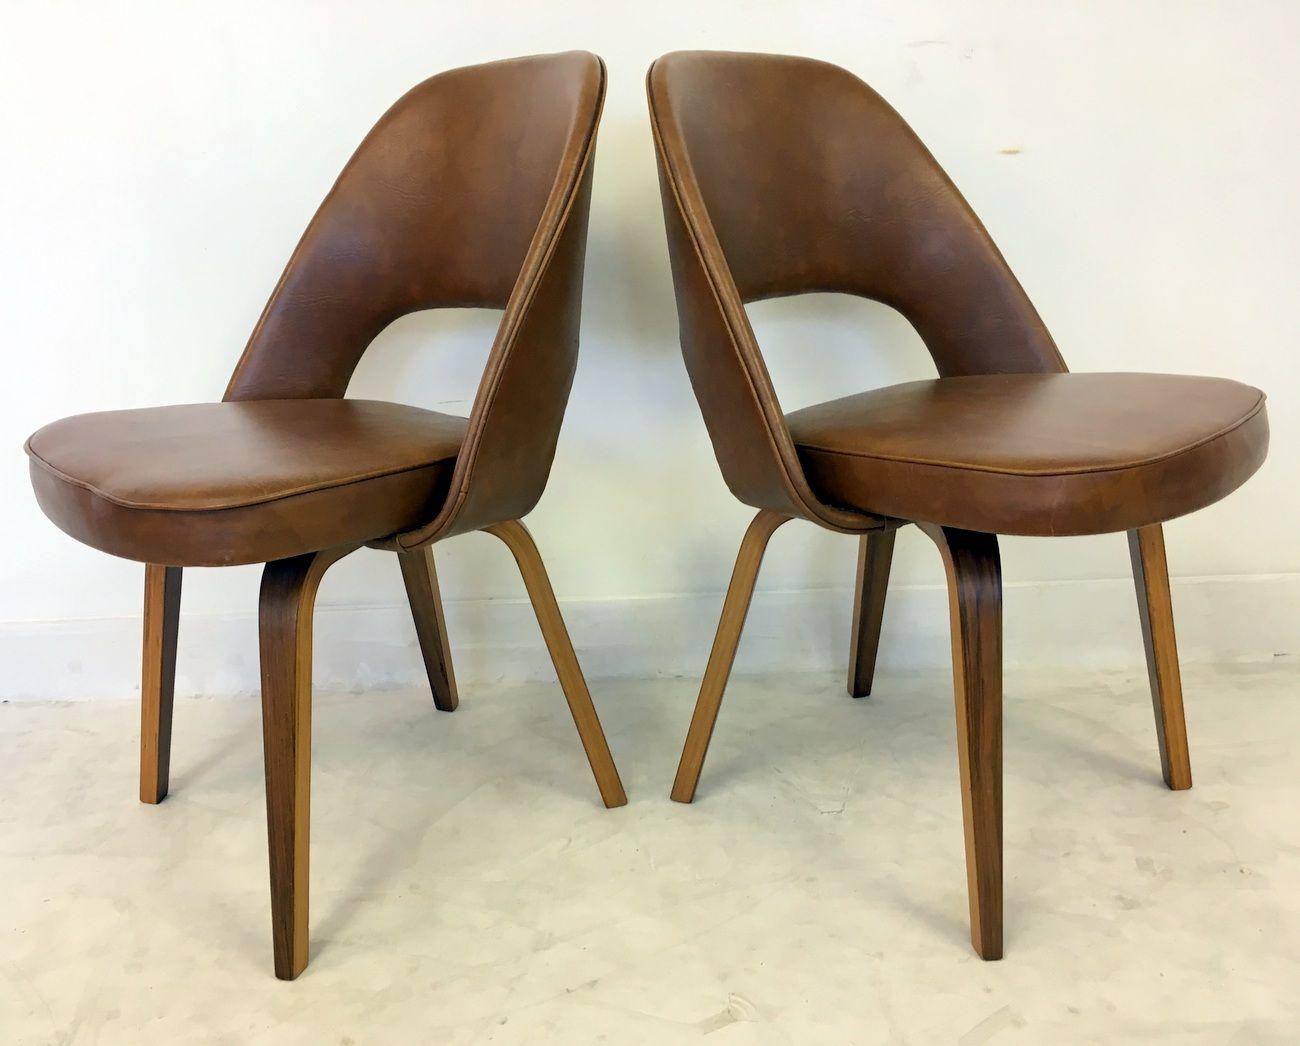 chaises de direction vintage par eero saarinen pour knoll. Black Bedroom Furniture Sets. Home Design Ideas